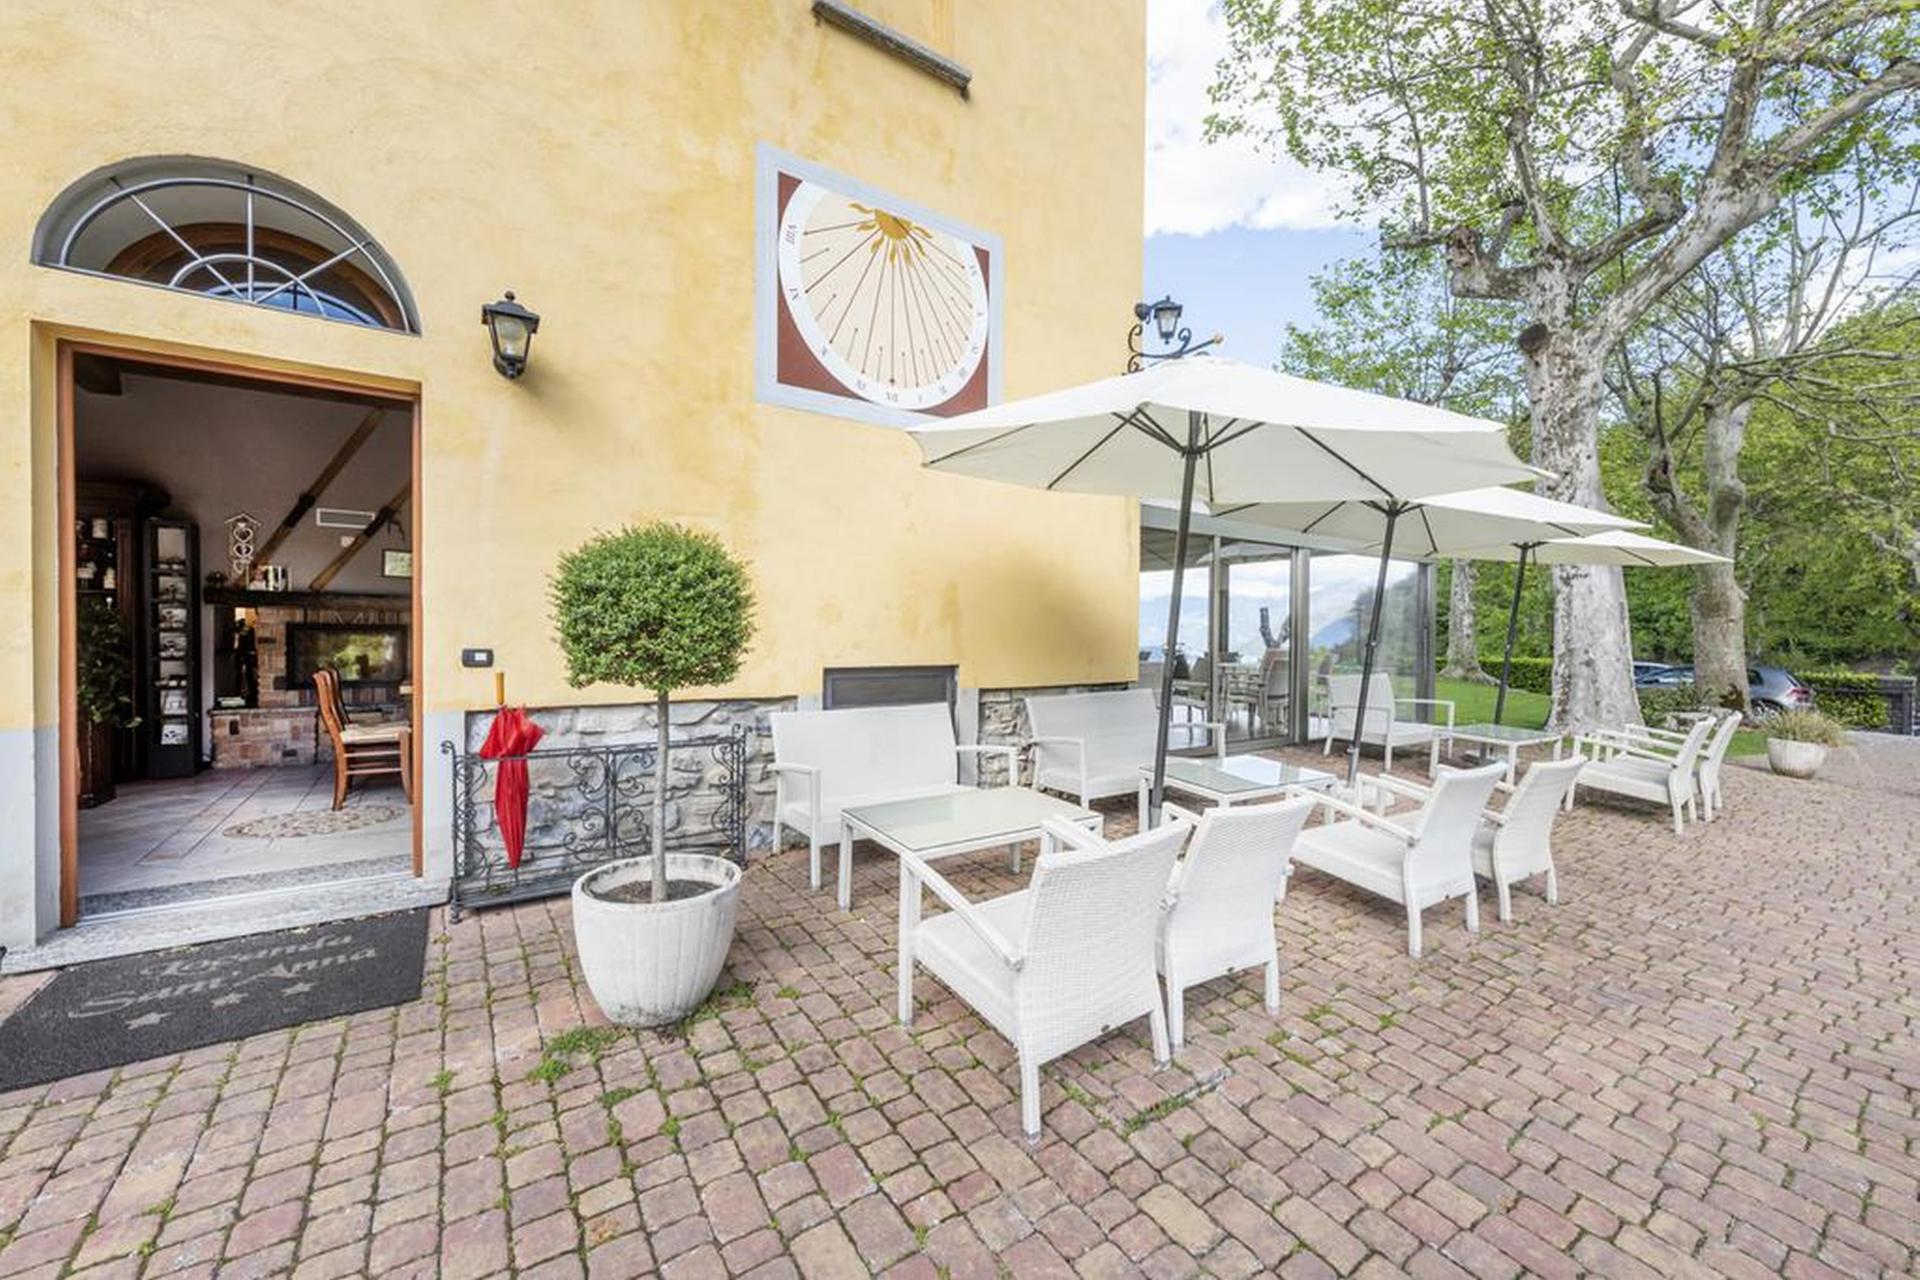 Agriturismo Comer See und Gardasee Gemütliche Unterkunft mit Restaurant  - Comer See | myitalyselection.de